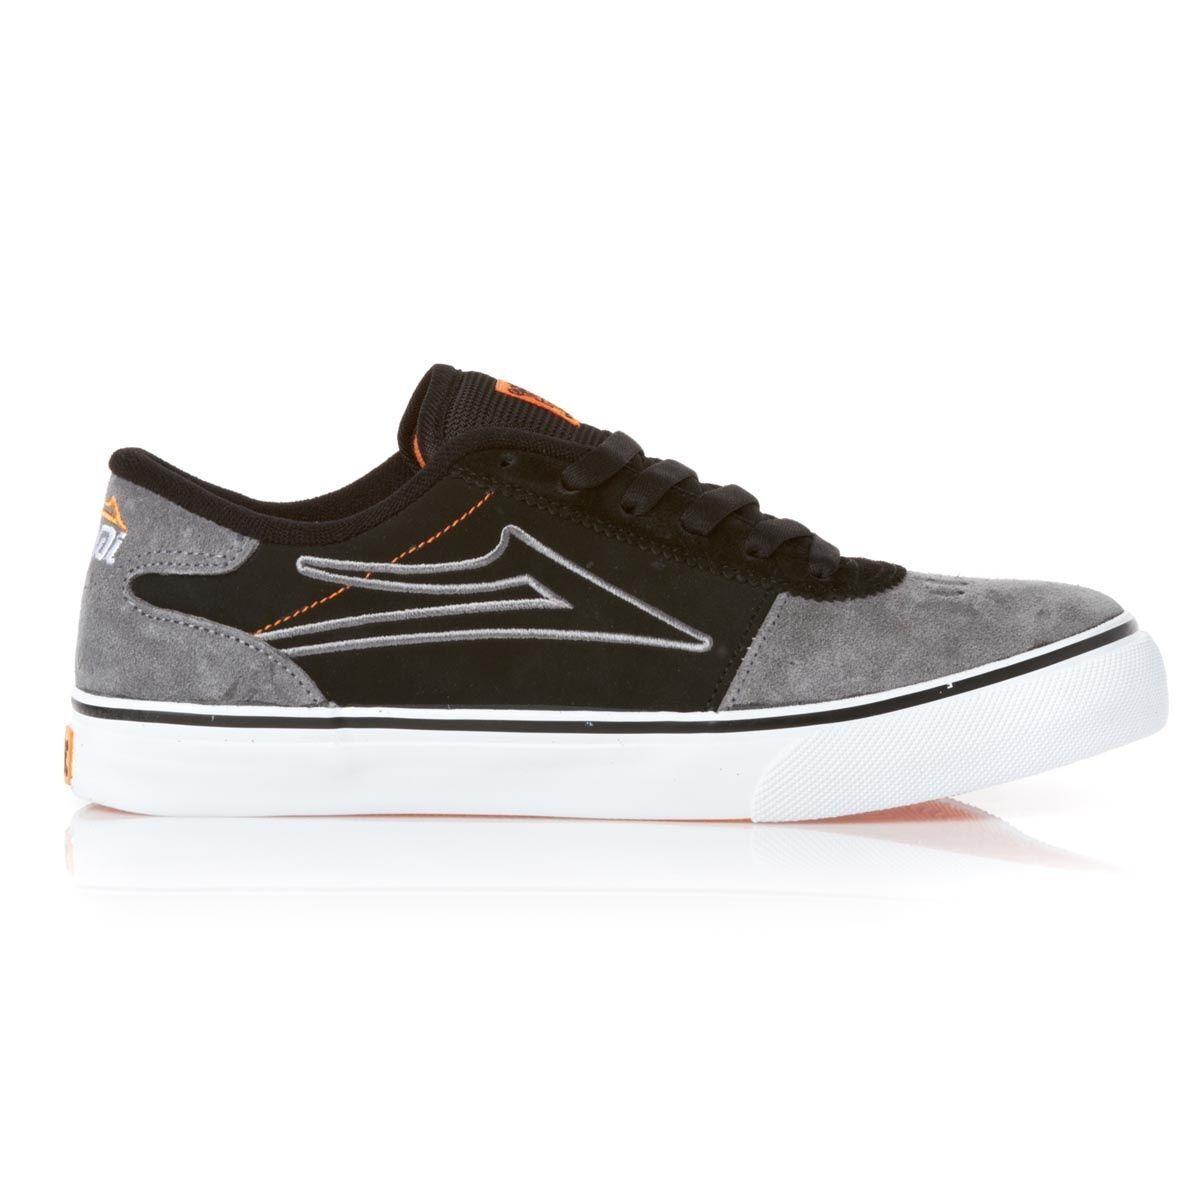 Lakai manchester seleziona nero grigio scamosciato skate) (131), scarpe da uomo